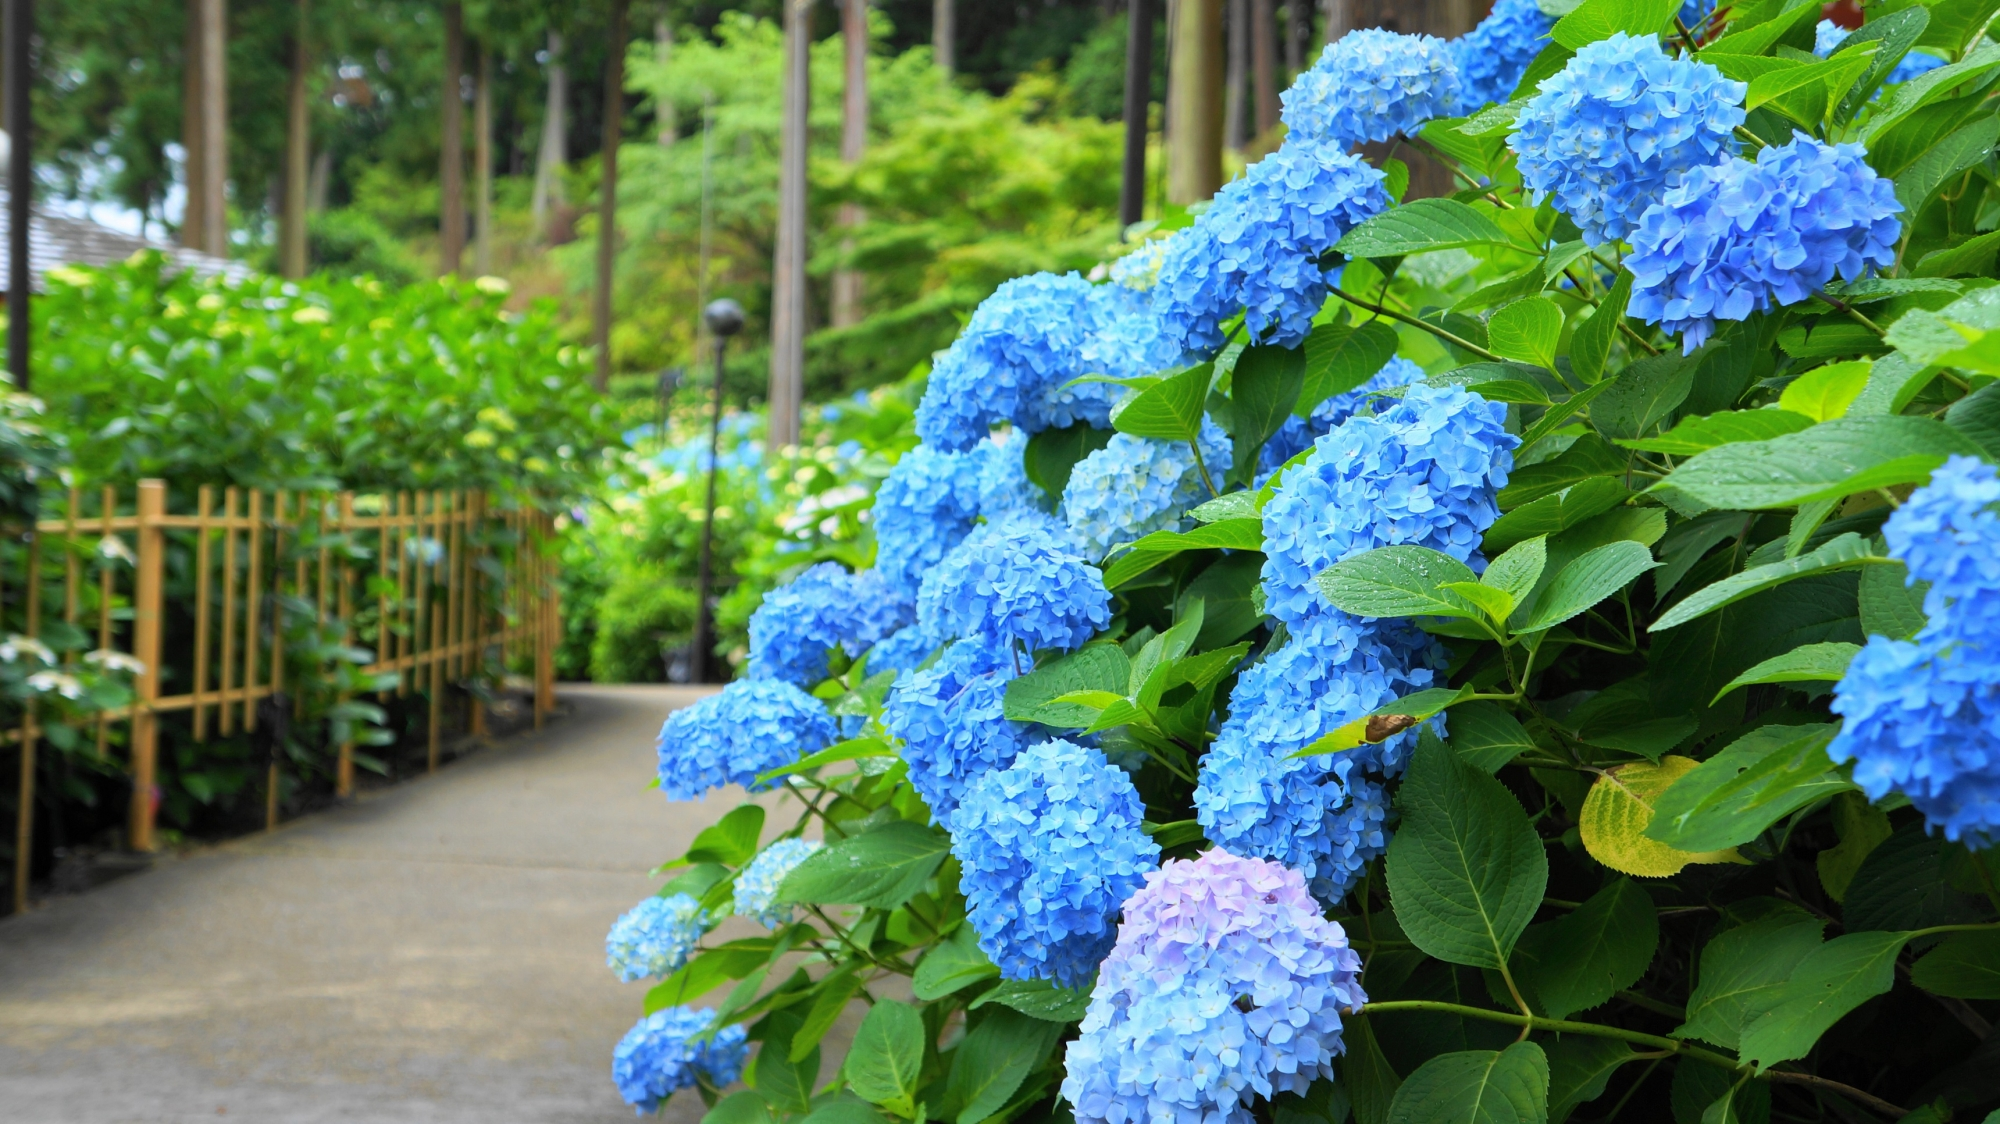 三室戸寺のあじさい園の参道沿いに咲く満開の紫陽花